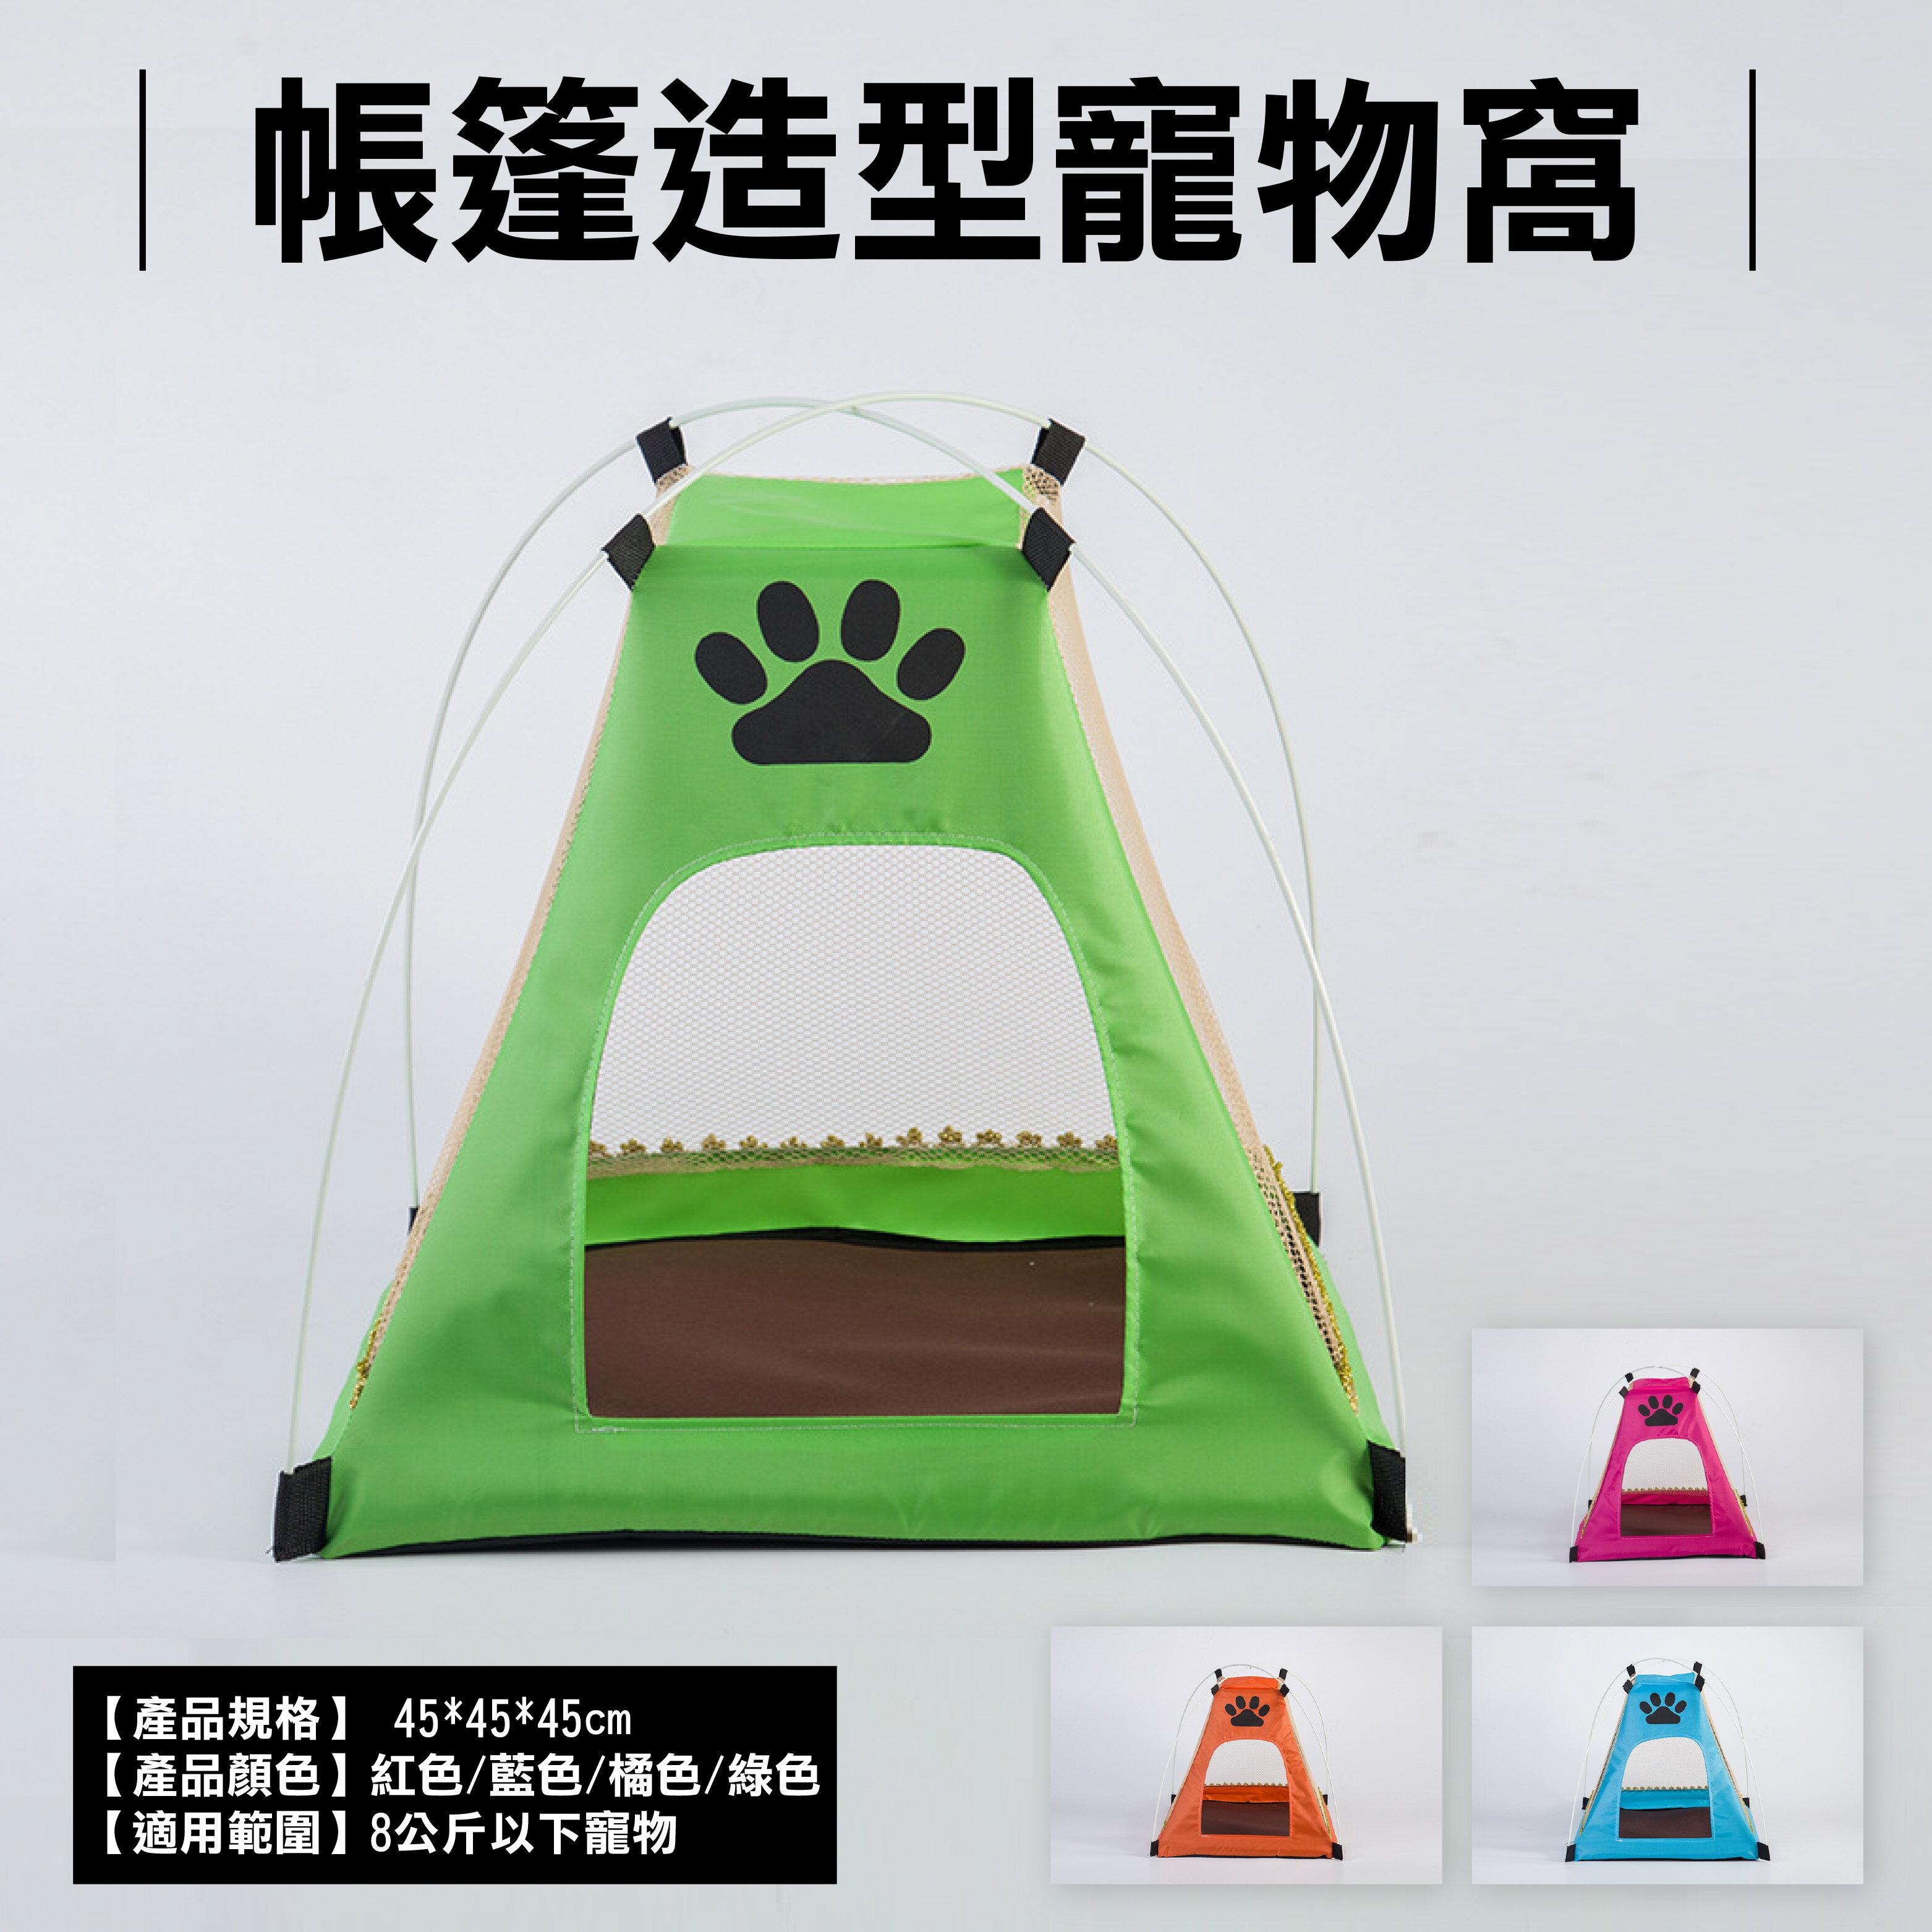 攝彩@特價出清 帳篷造型寵物窩 寵物露營狗屋 寵物防蚊帳篷床墊 狗屋睡窩 寵物床具用品 小中型幼犬 貓咪房子 可收納